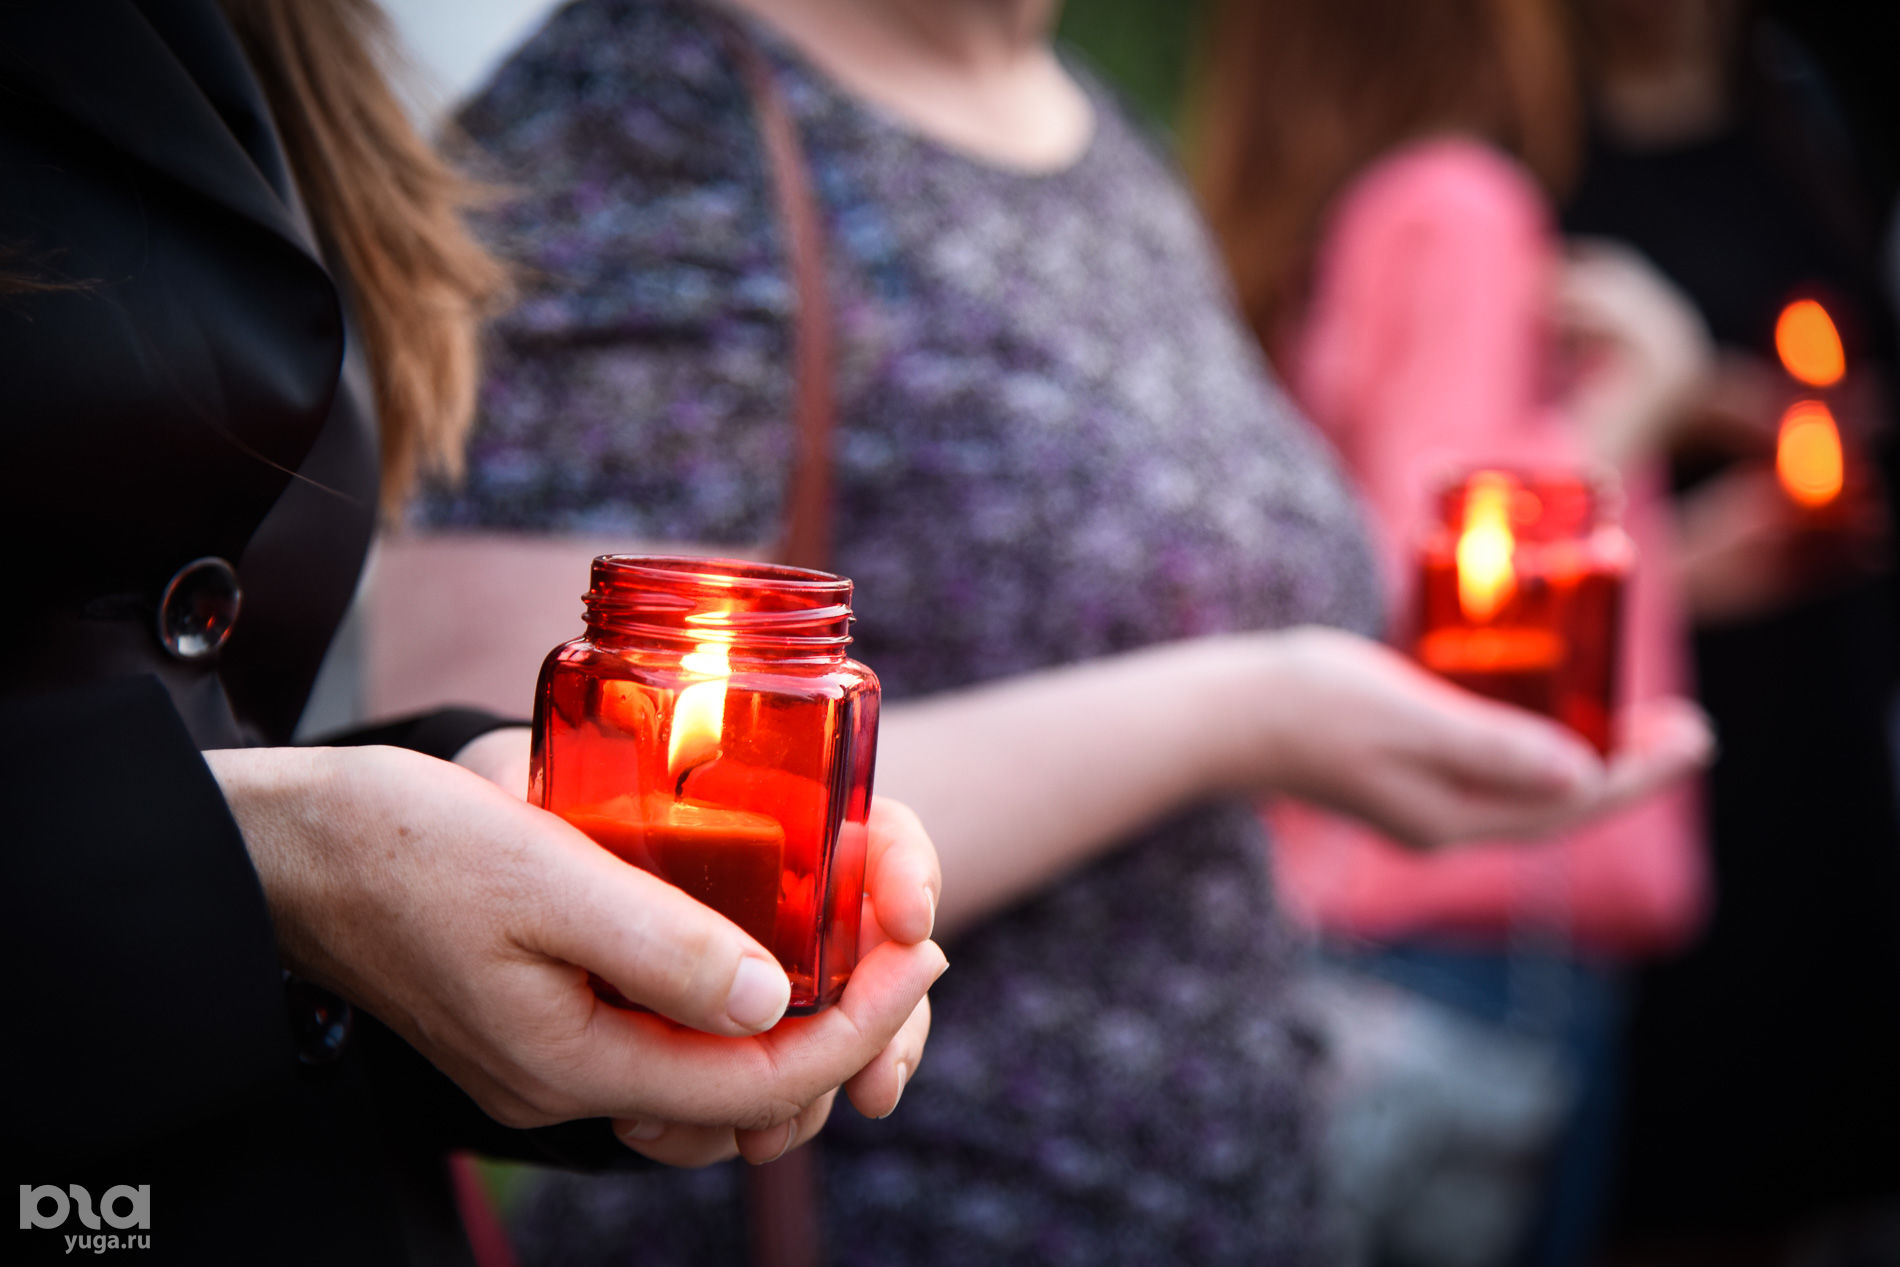 """Акция """"Свеча памяти"""" в память о жертвах терроризма в Краснодаре ©Фото Елены Синеок, Юга.ру"""